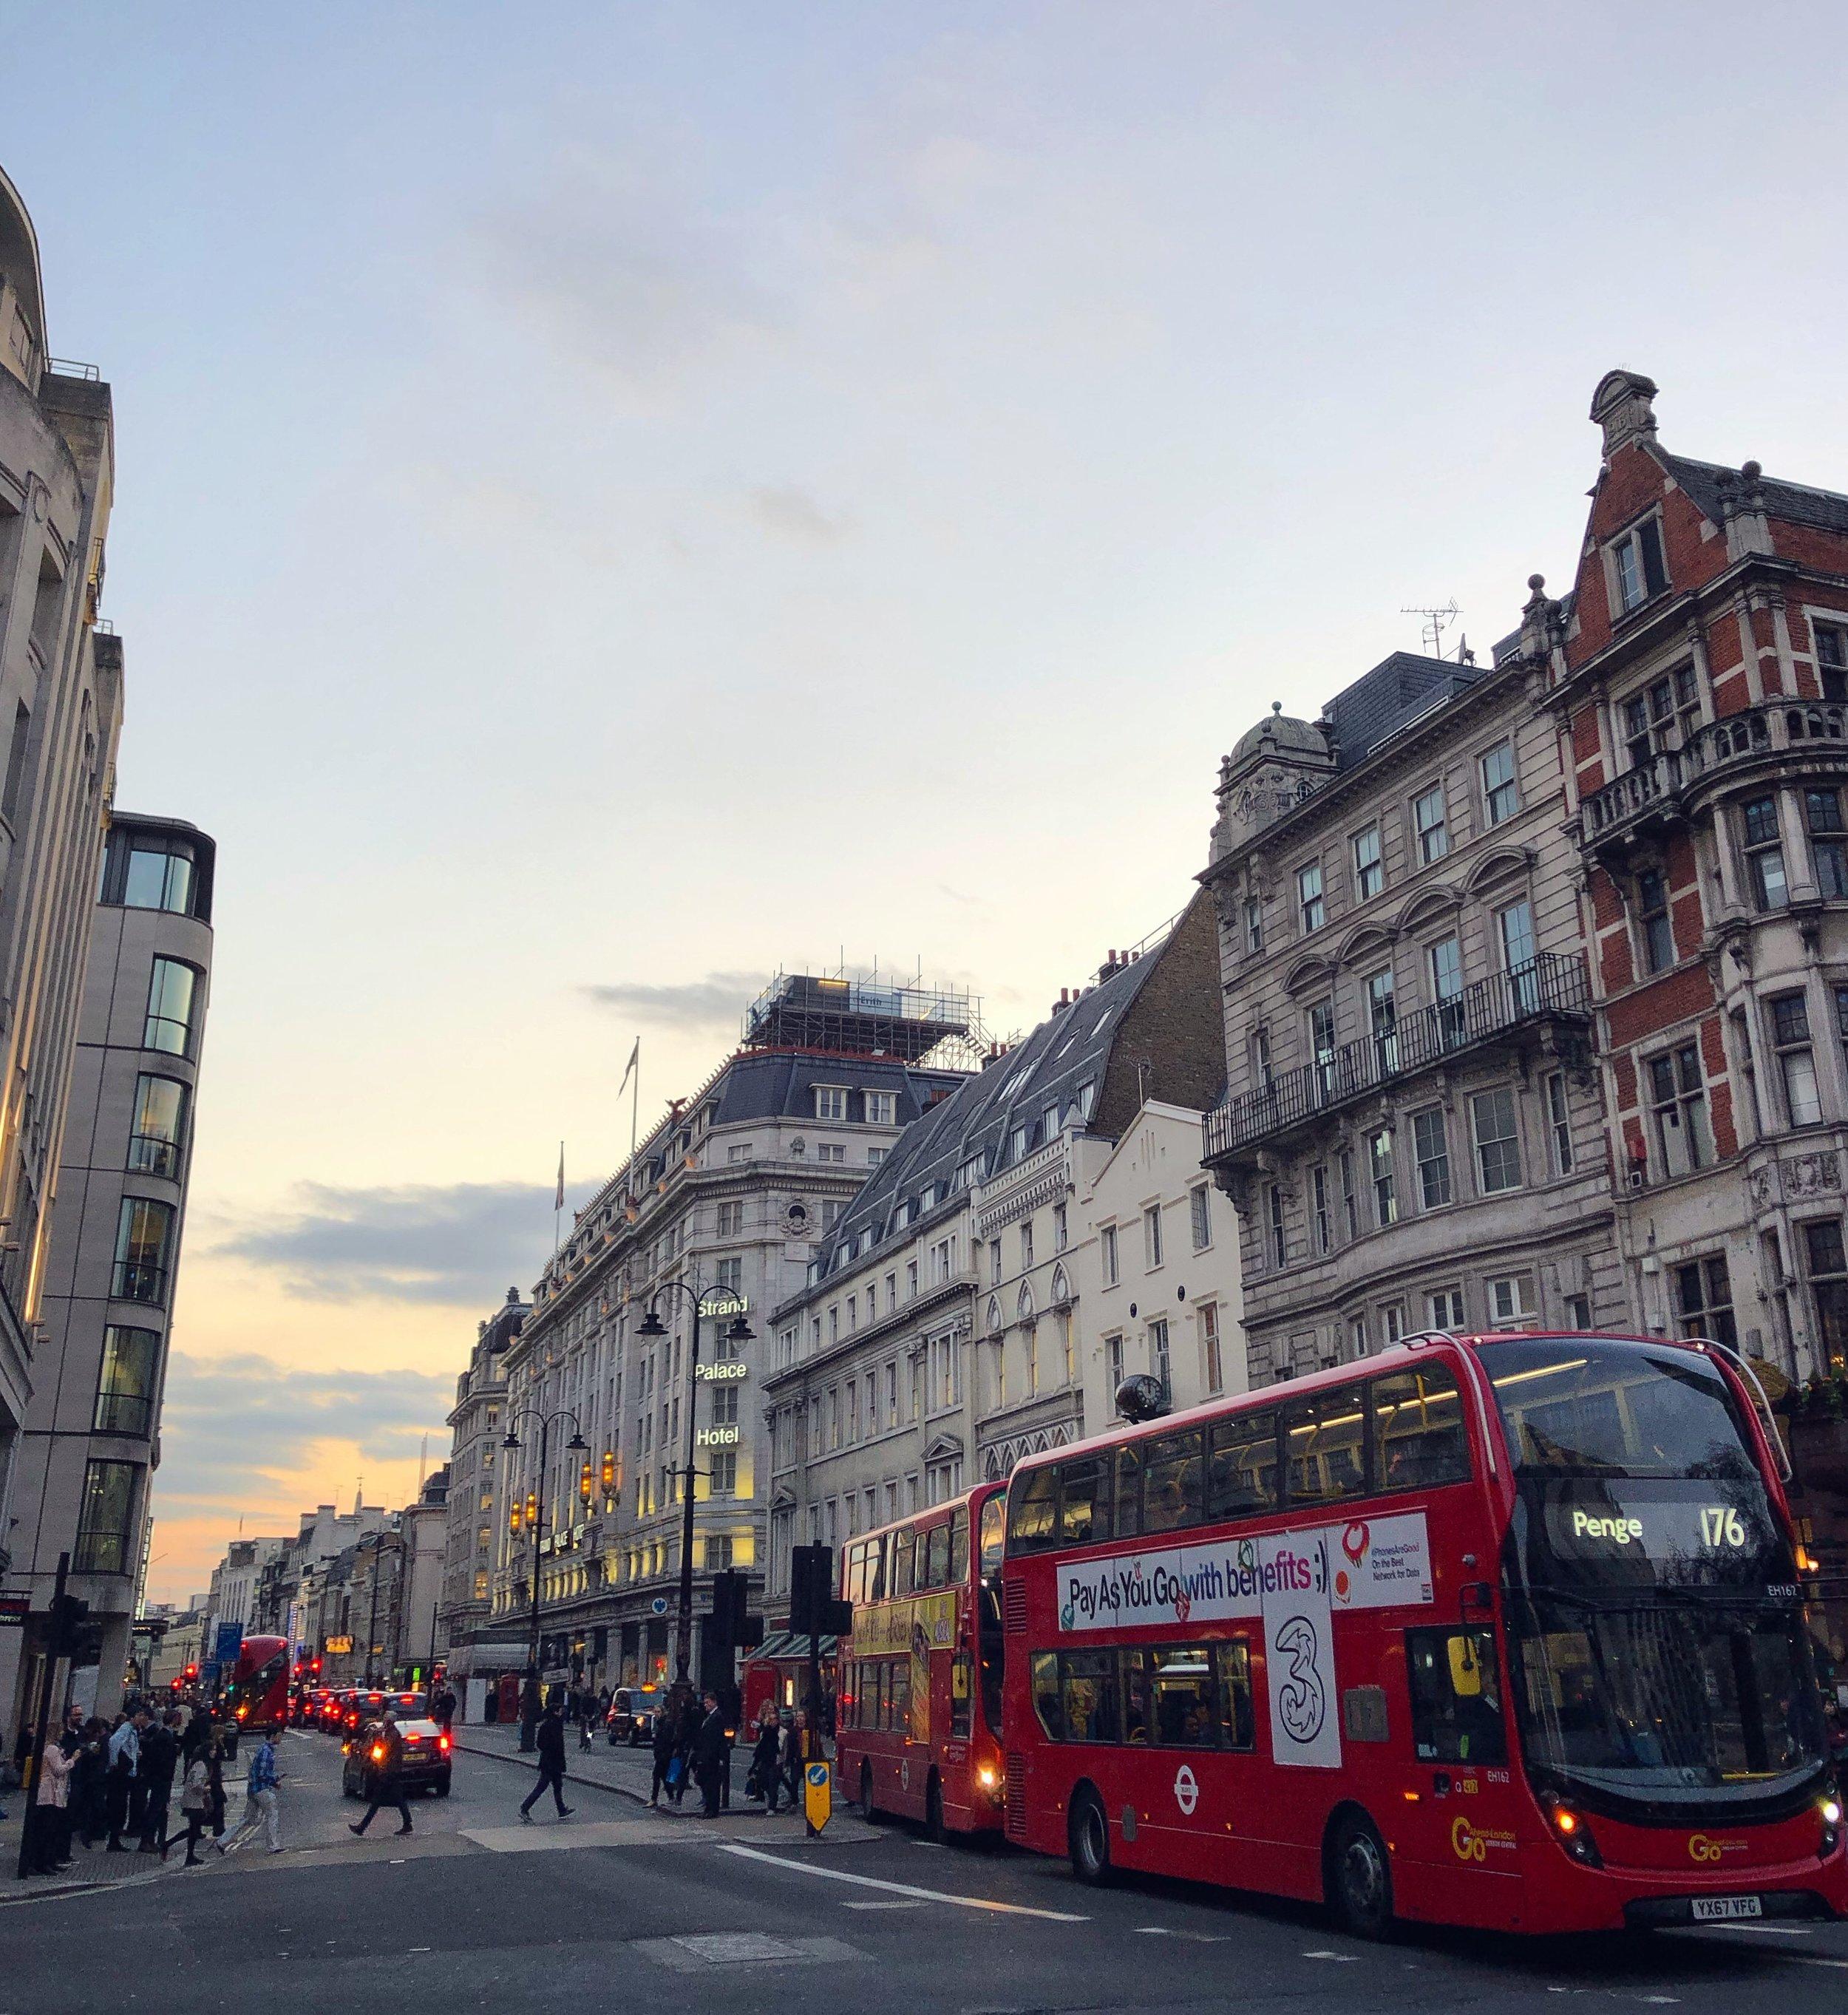 市中心街頭,靠近Trafalgar Square。